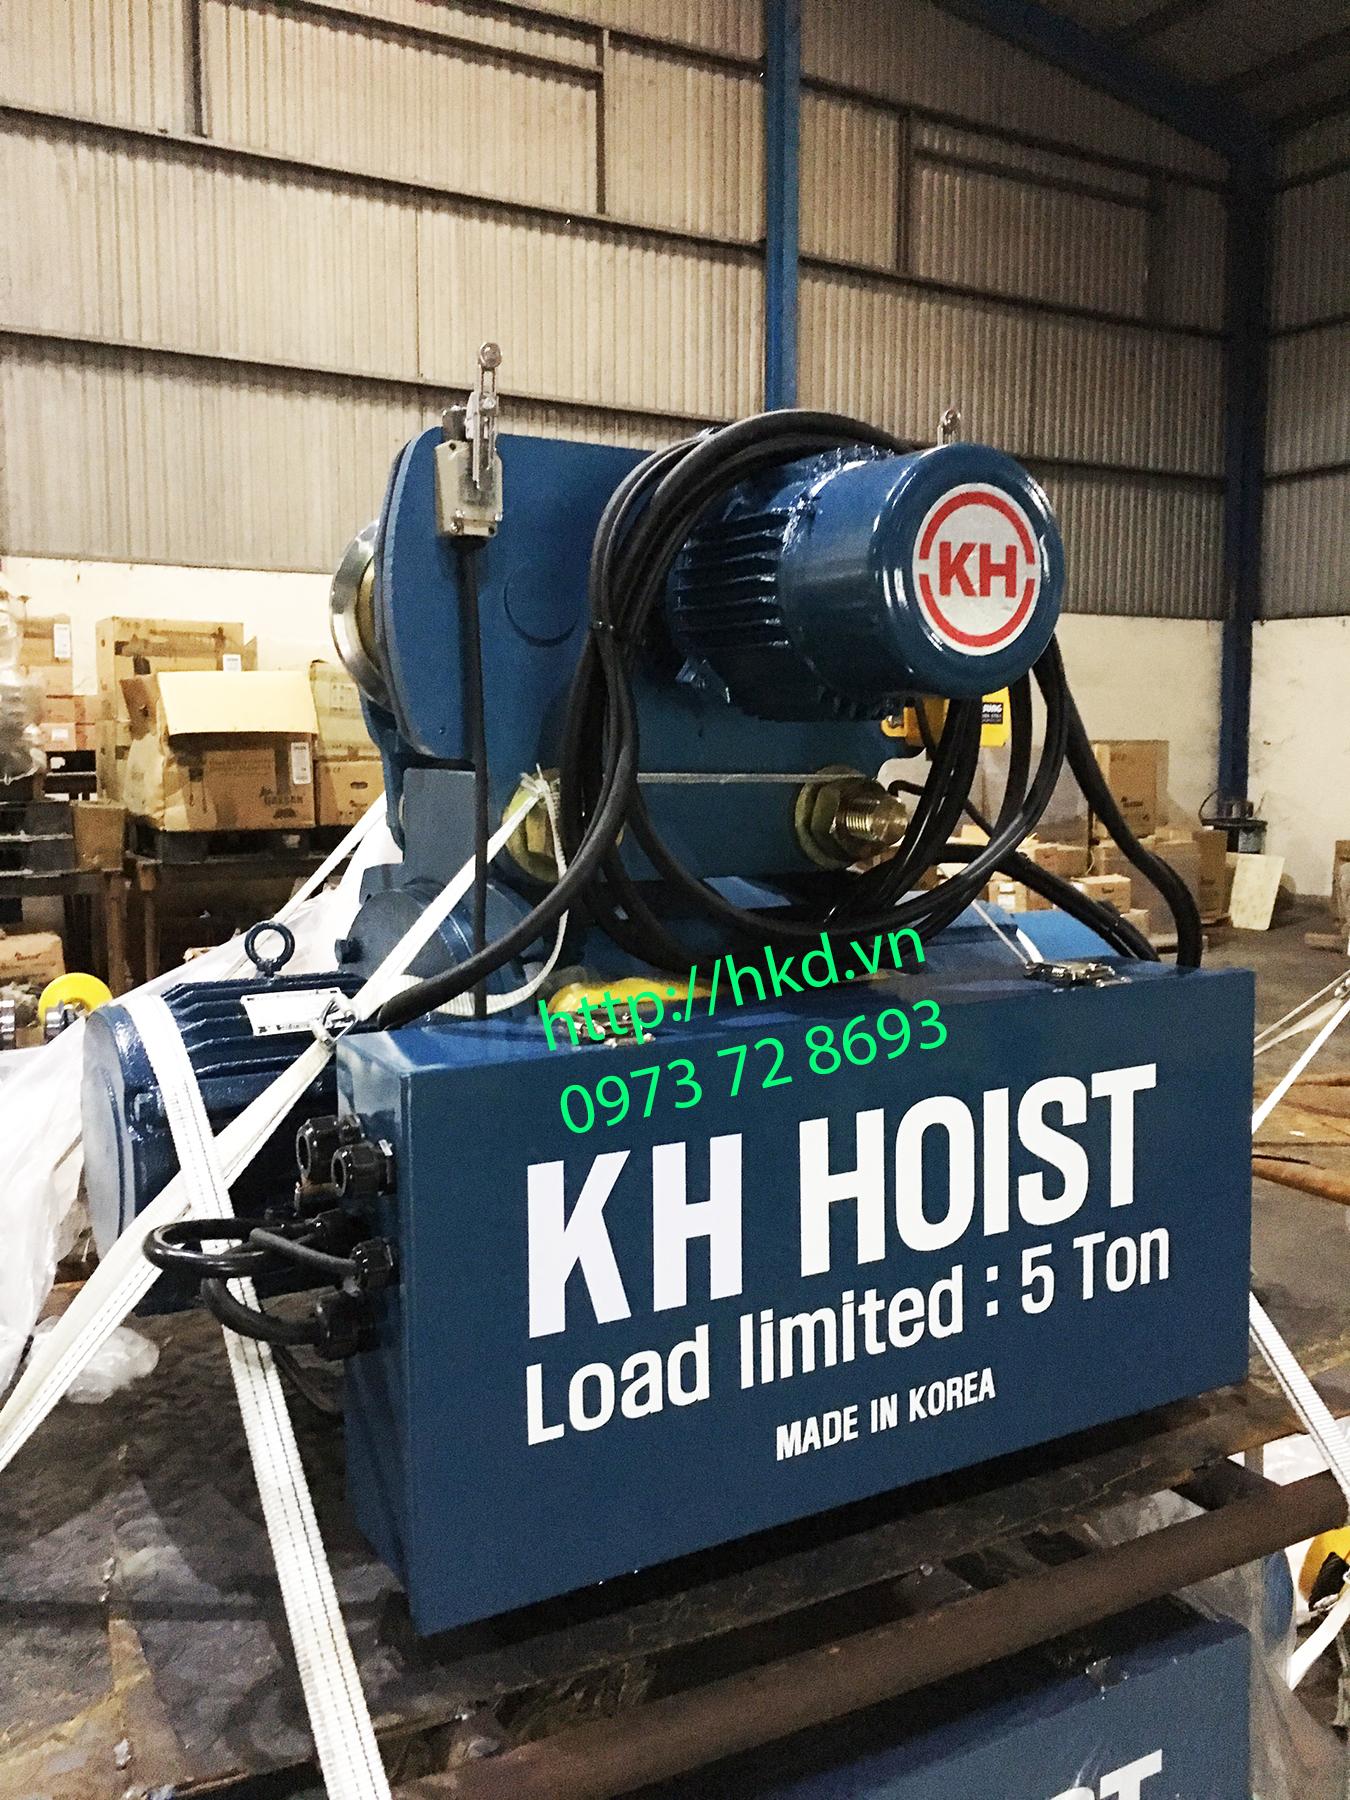 Palang cáp điện KH 3 tấn, 5 tấn tại HKD